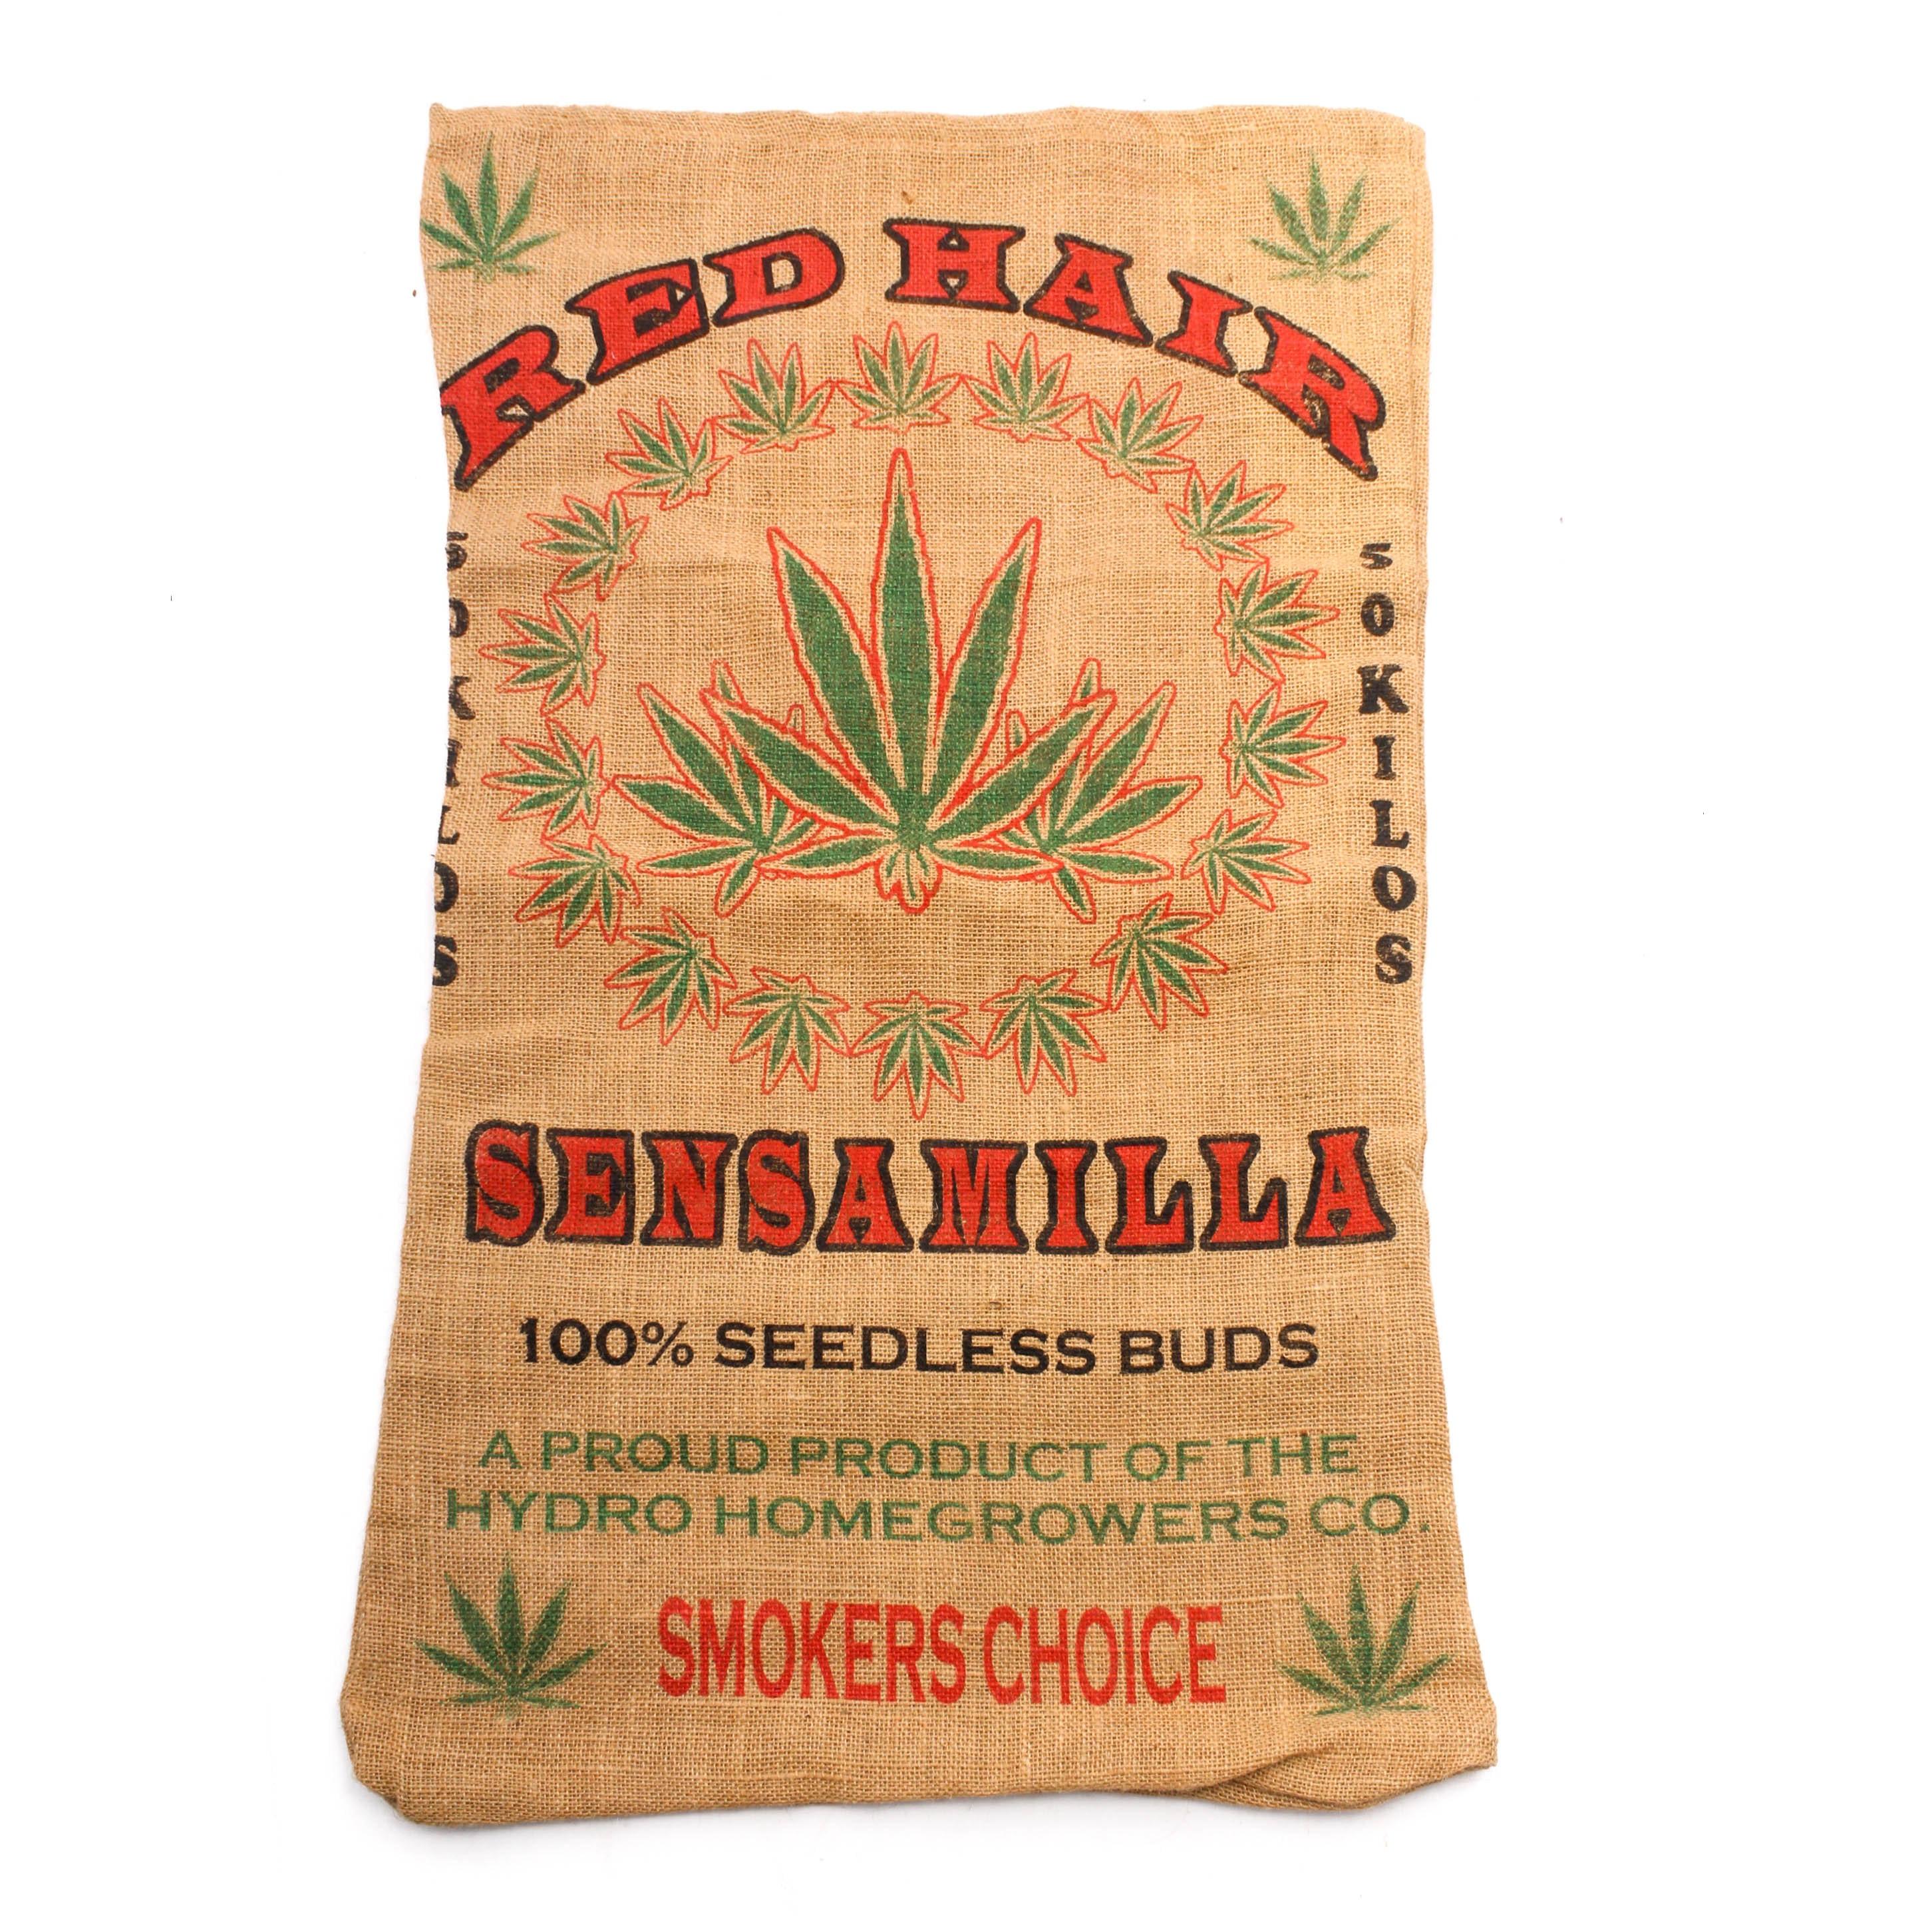 Red Hair Sensamilla Burlap Bag